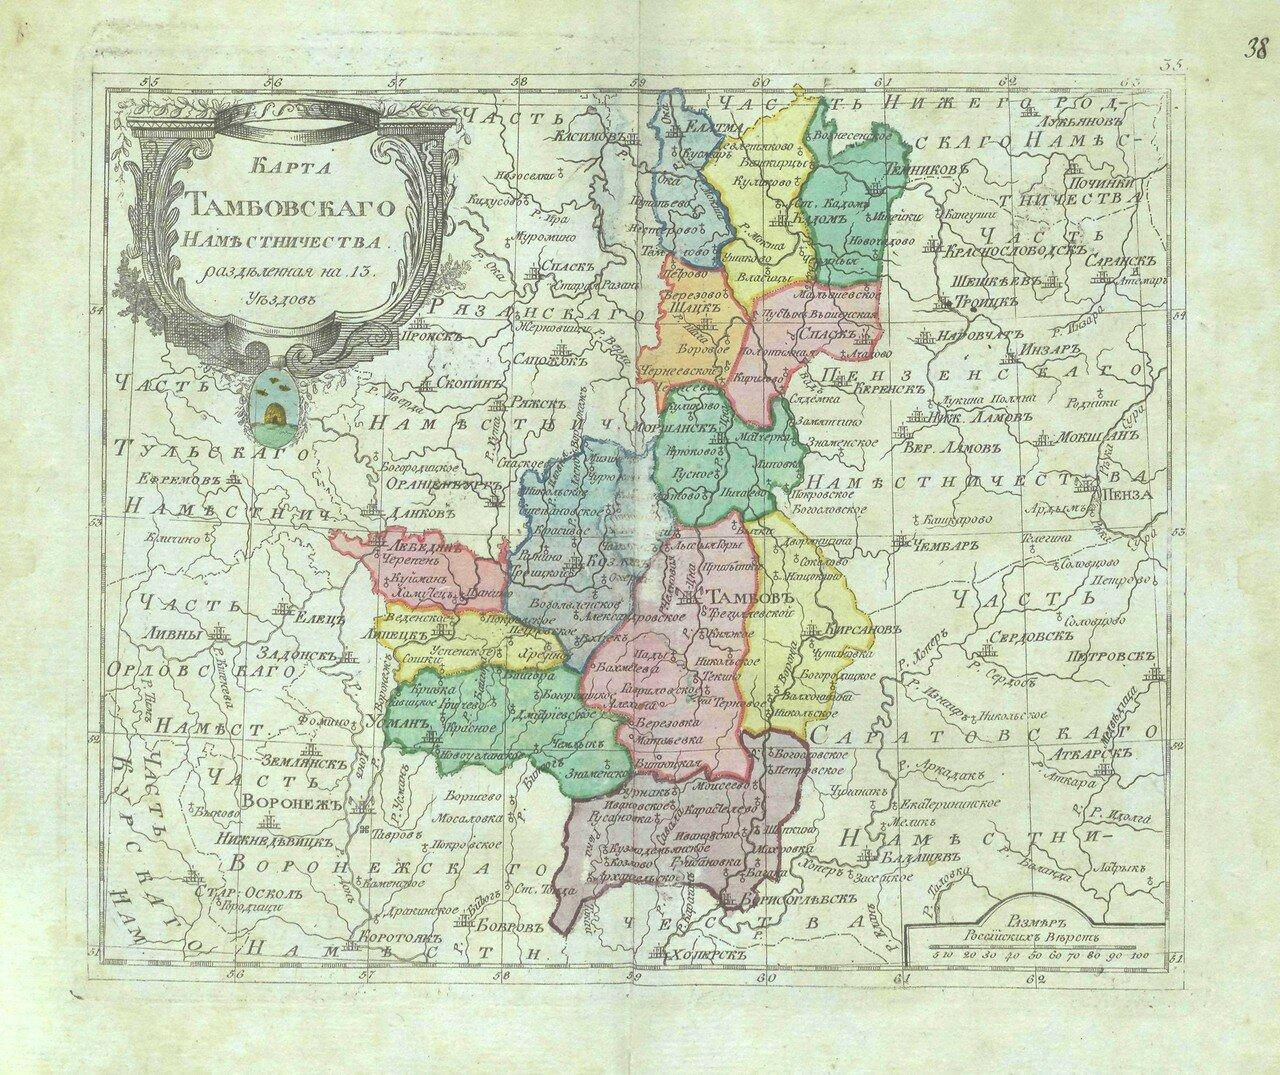 40. Карта Тамбовского наместничества